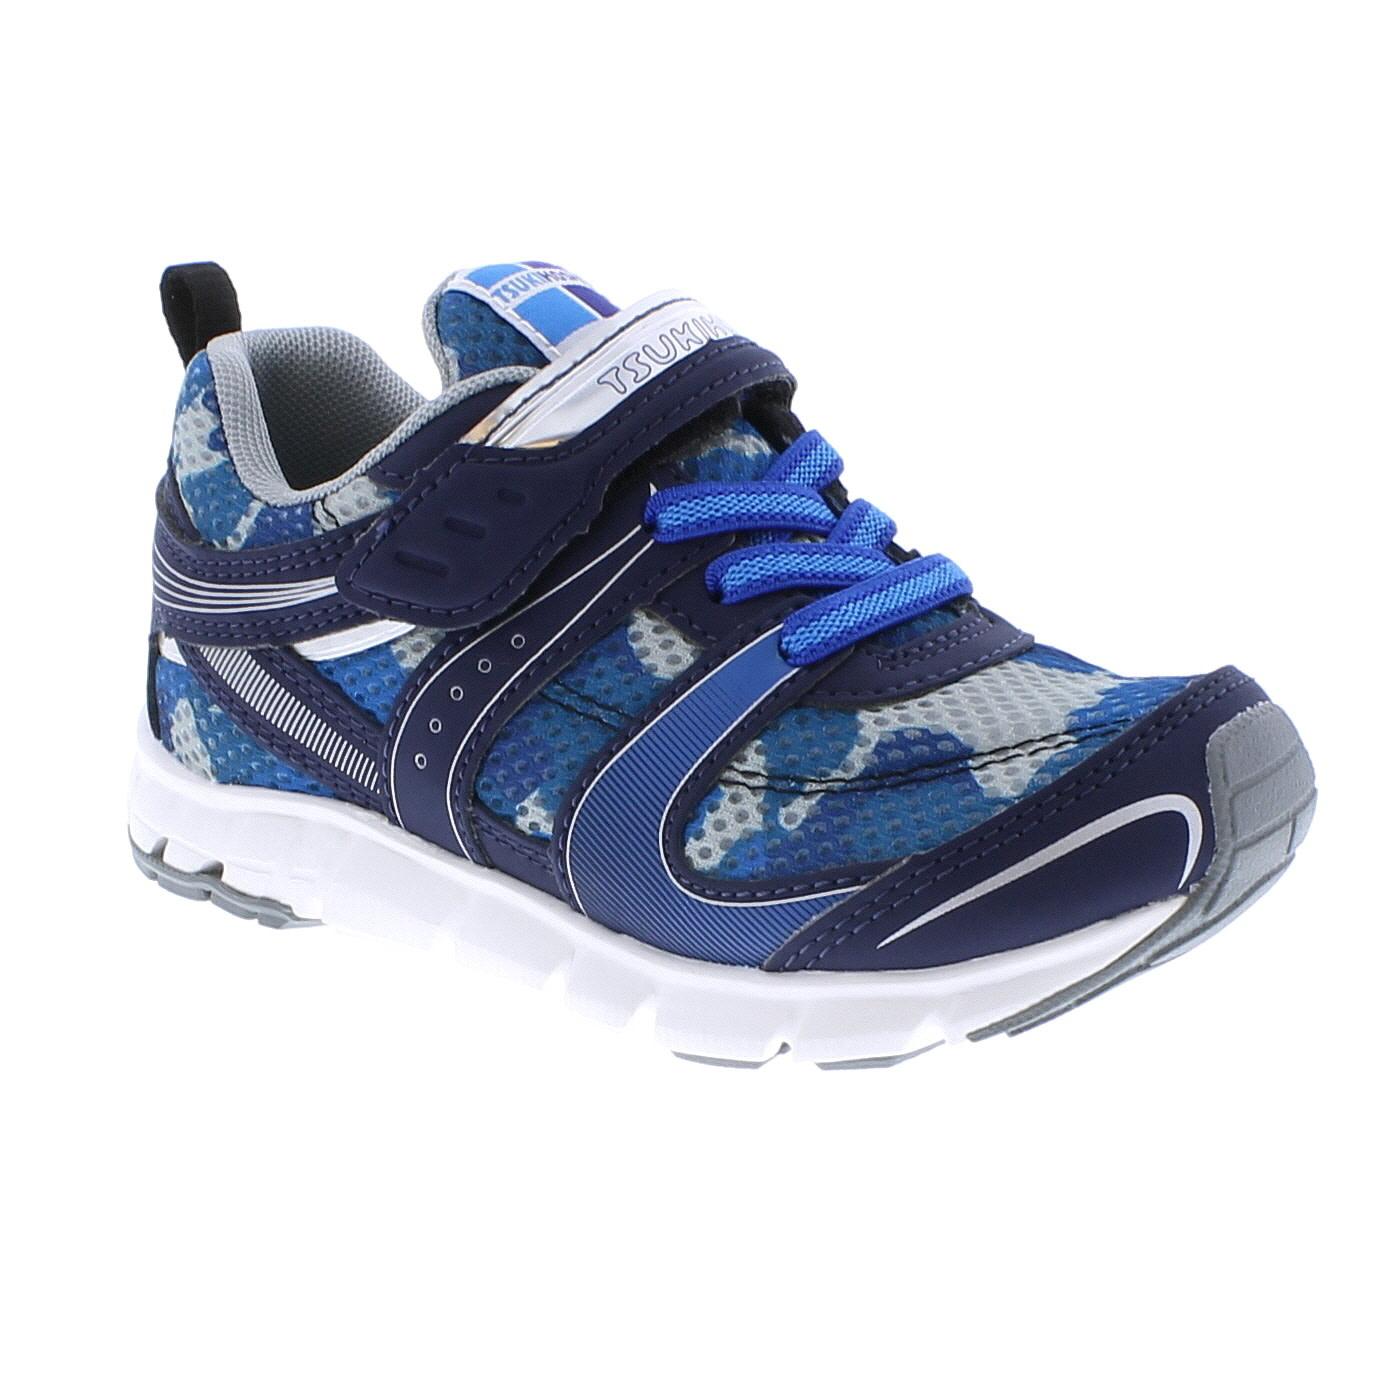 Tsukihoshi Velocity Shoe